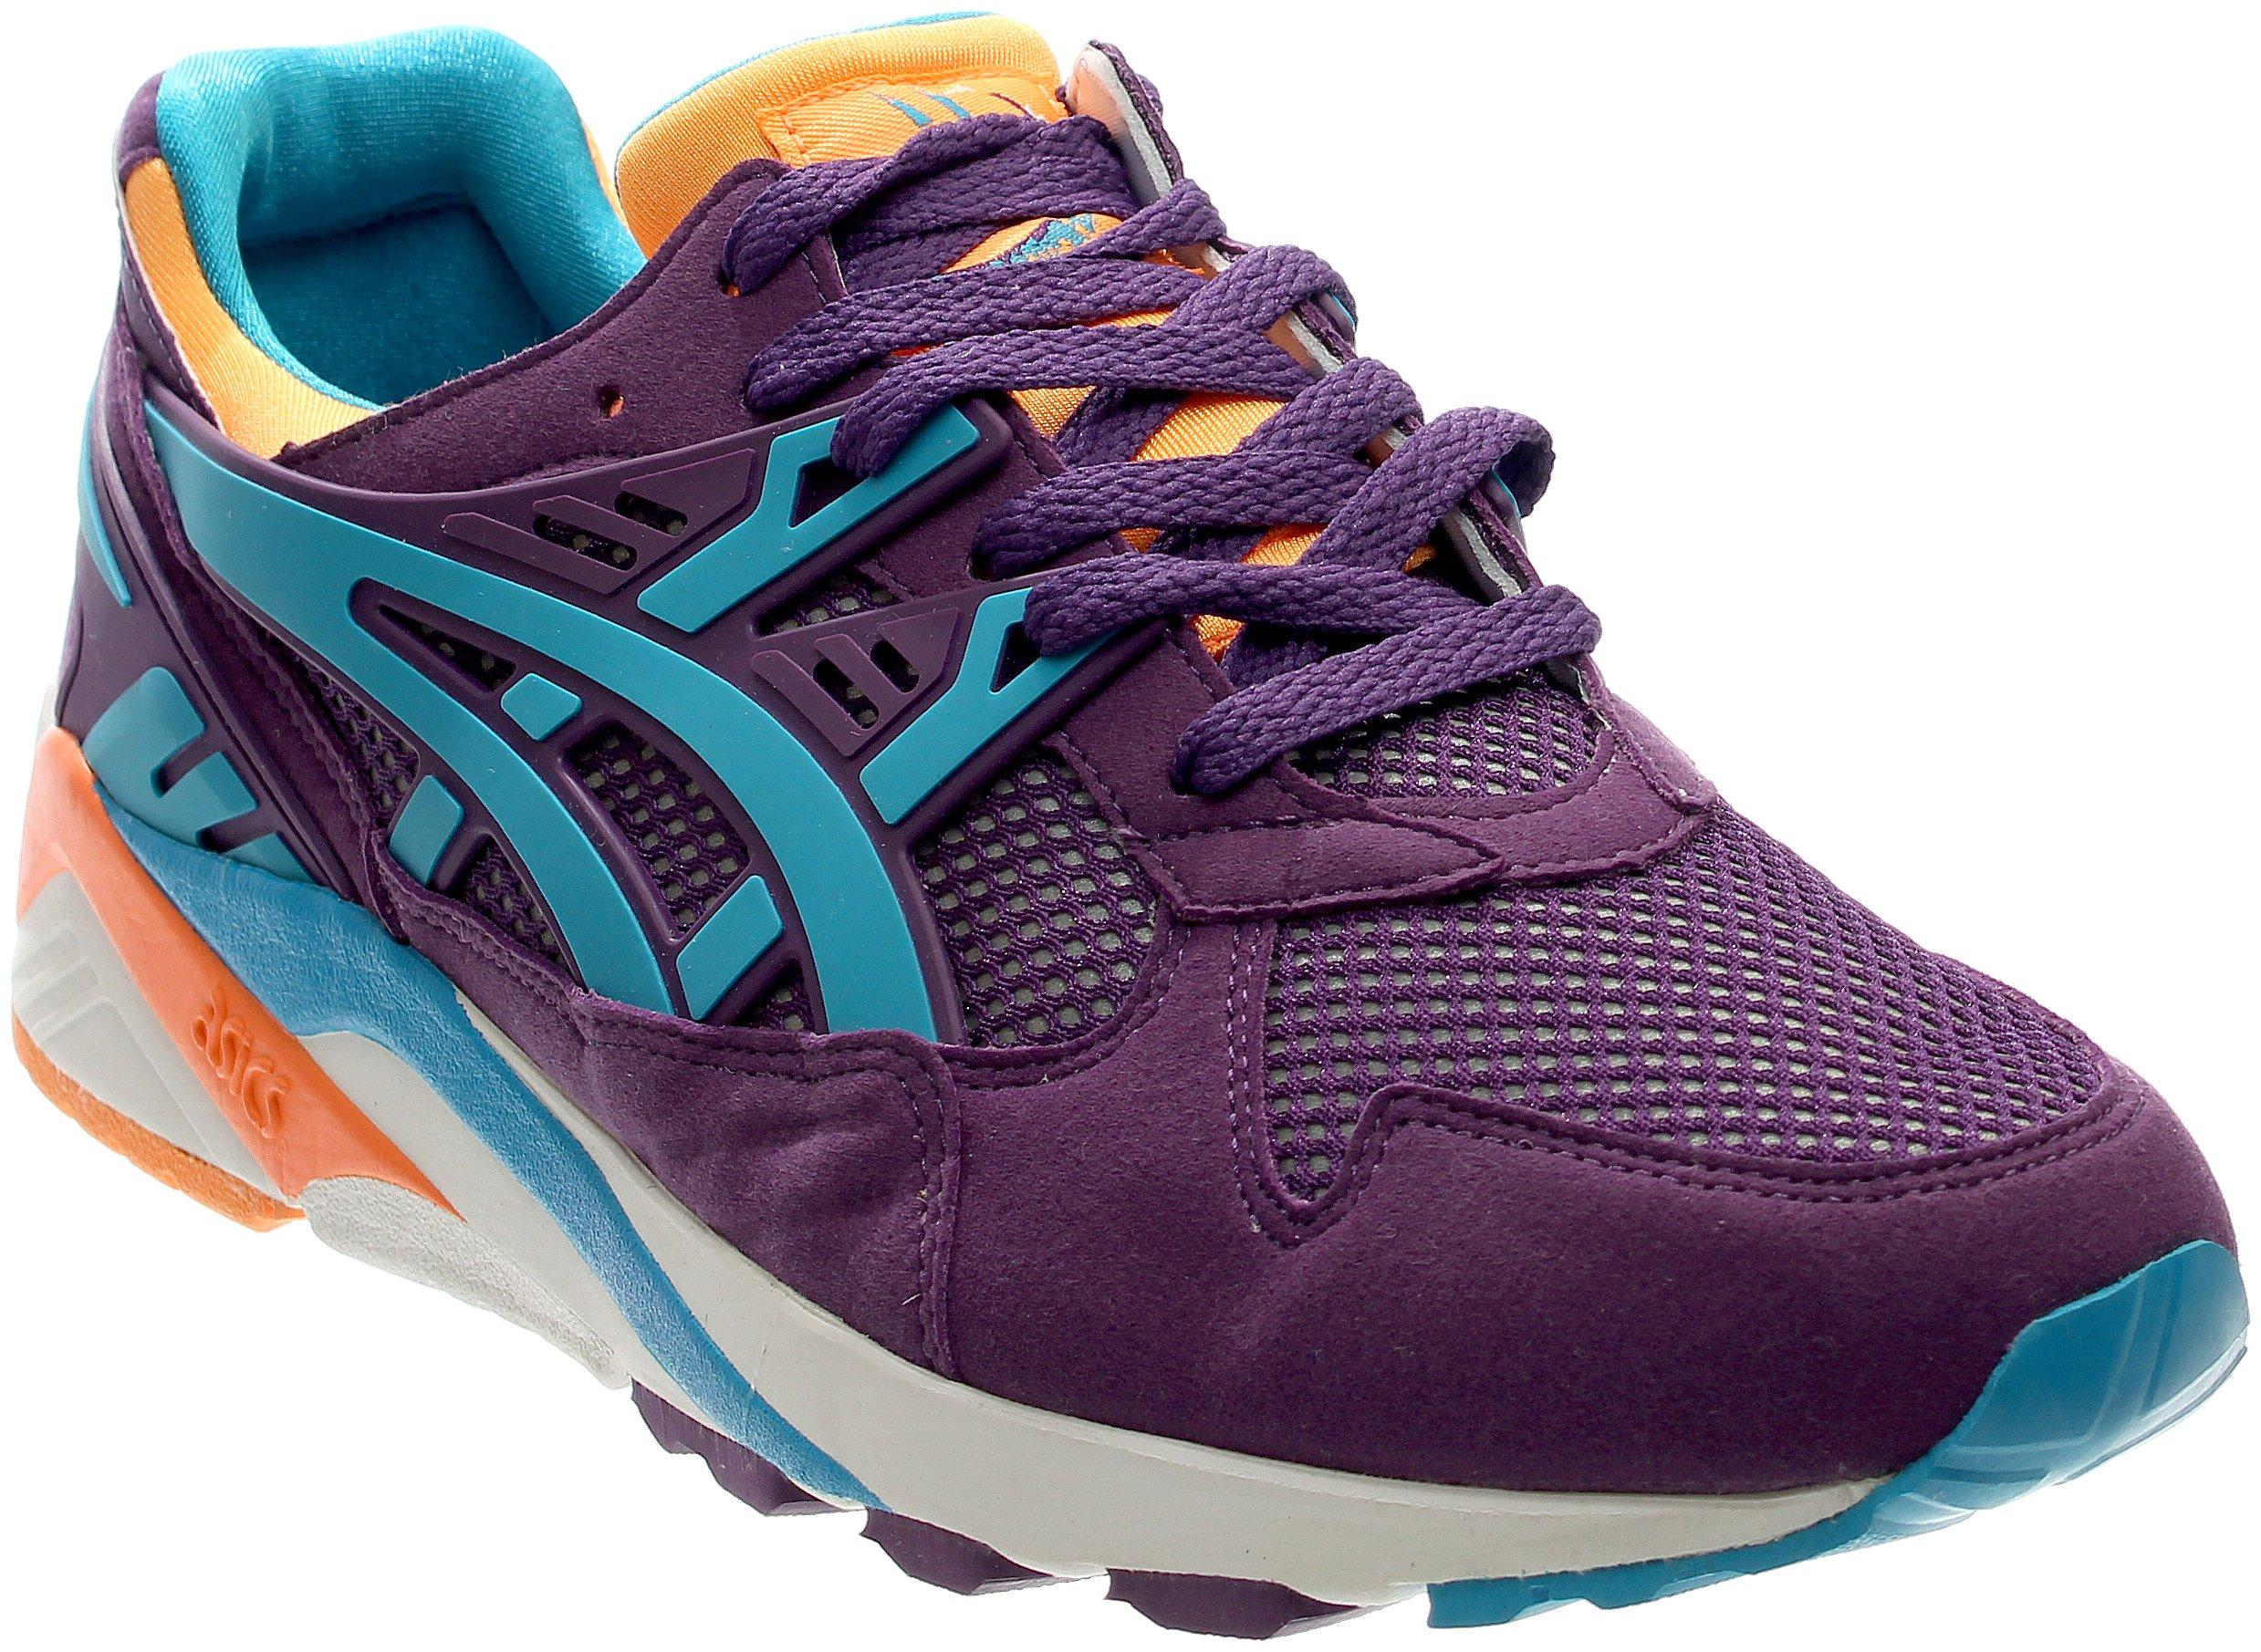 ASICS Men's Gel-Kayano Trainer Retro Running Shoe, Purple/Atomic Blue, 11.5 M US